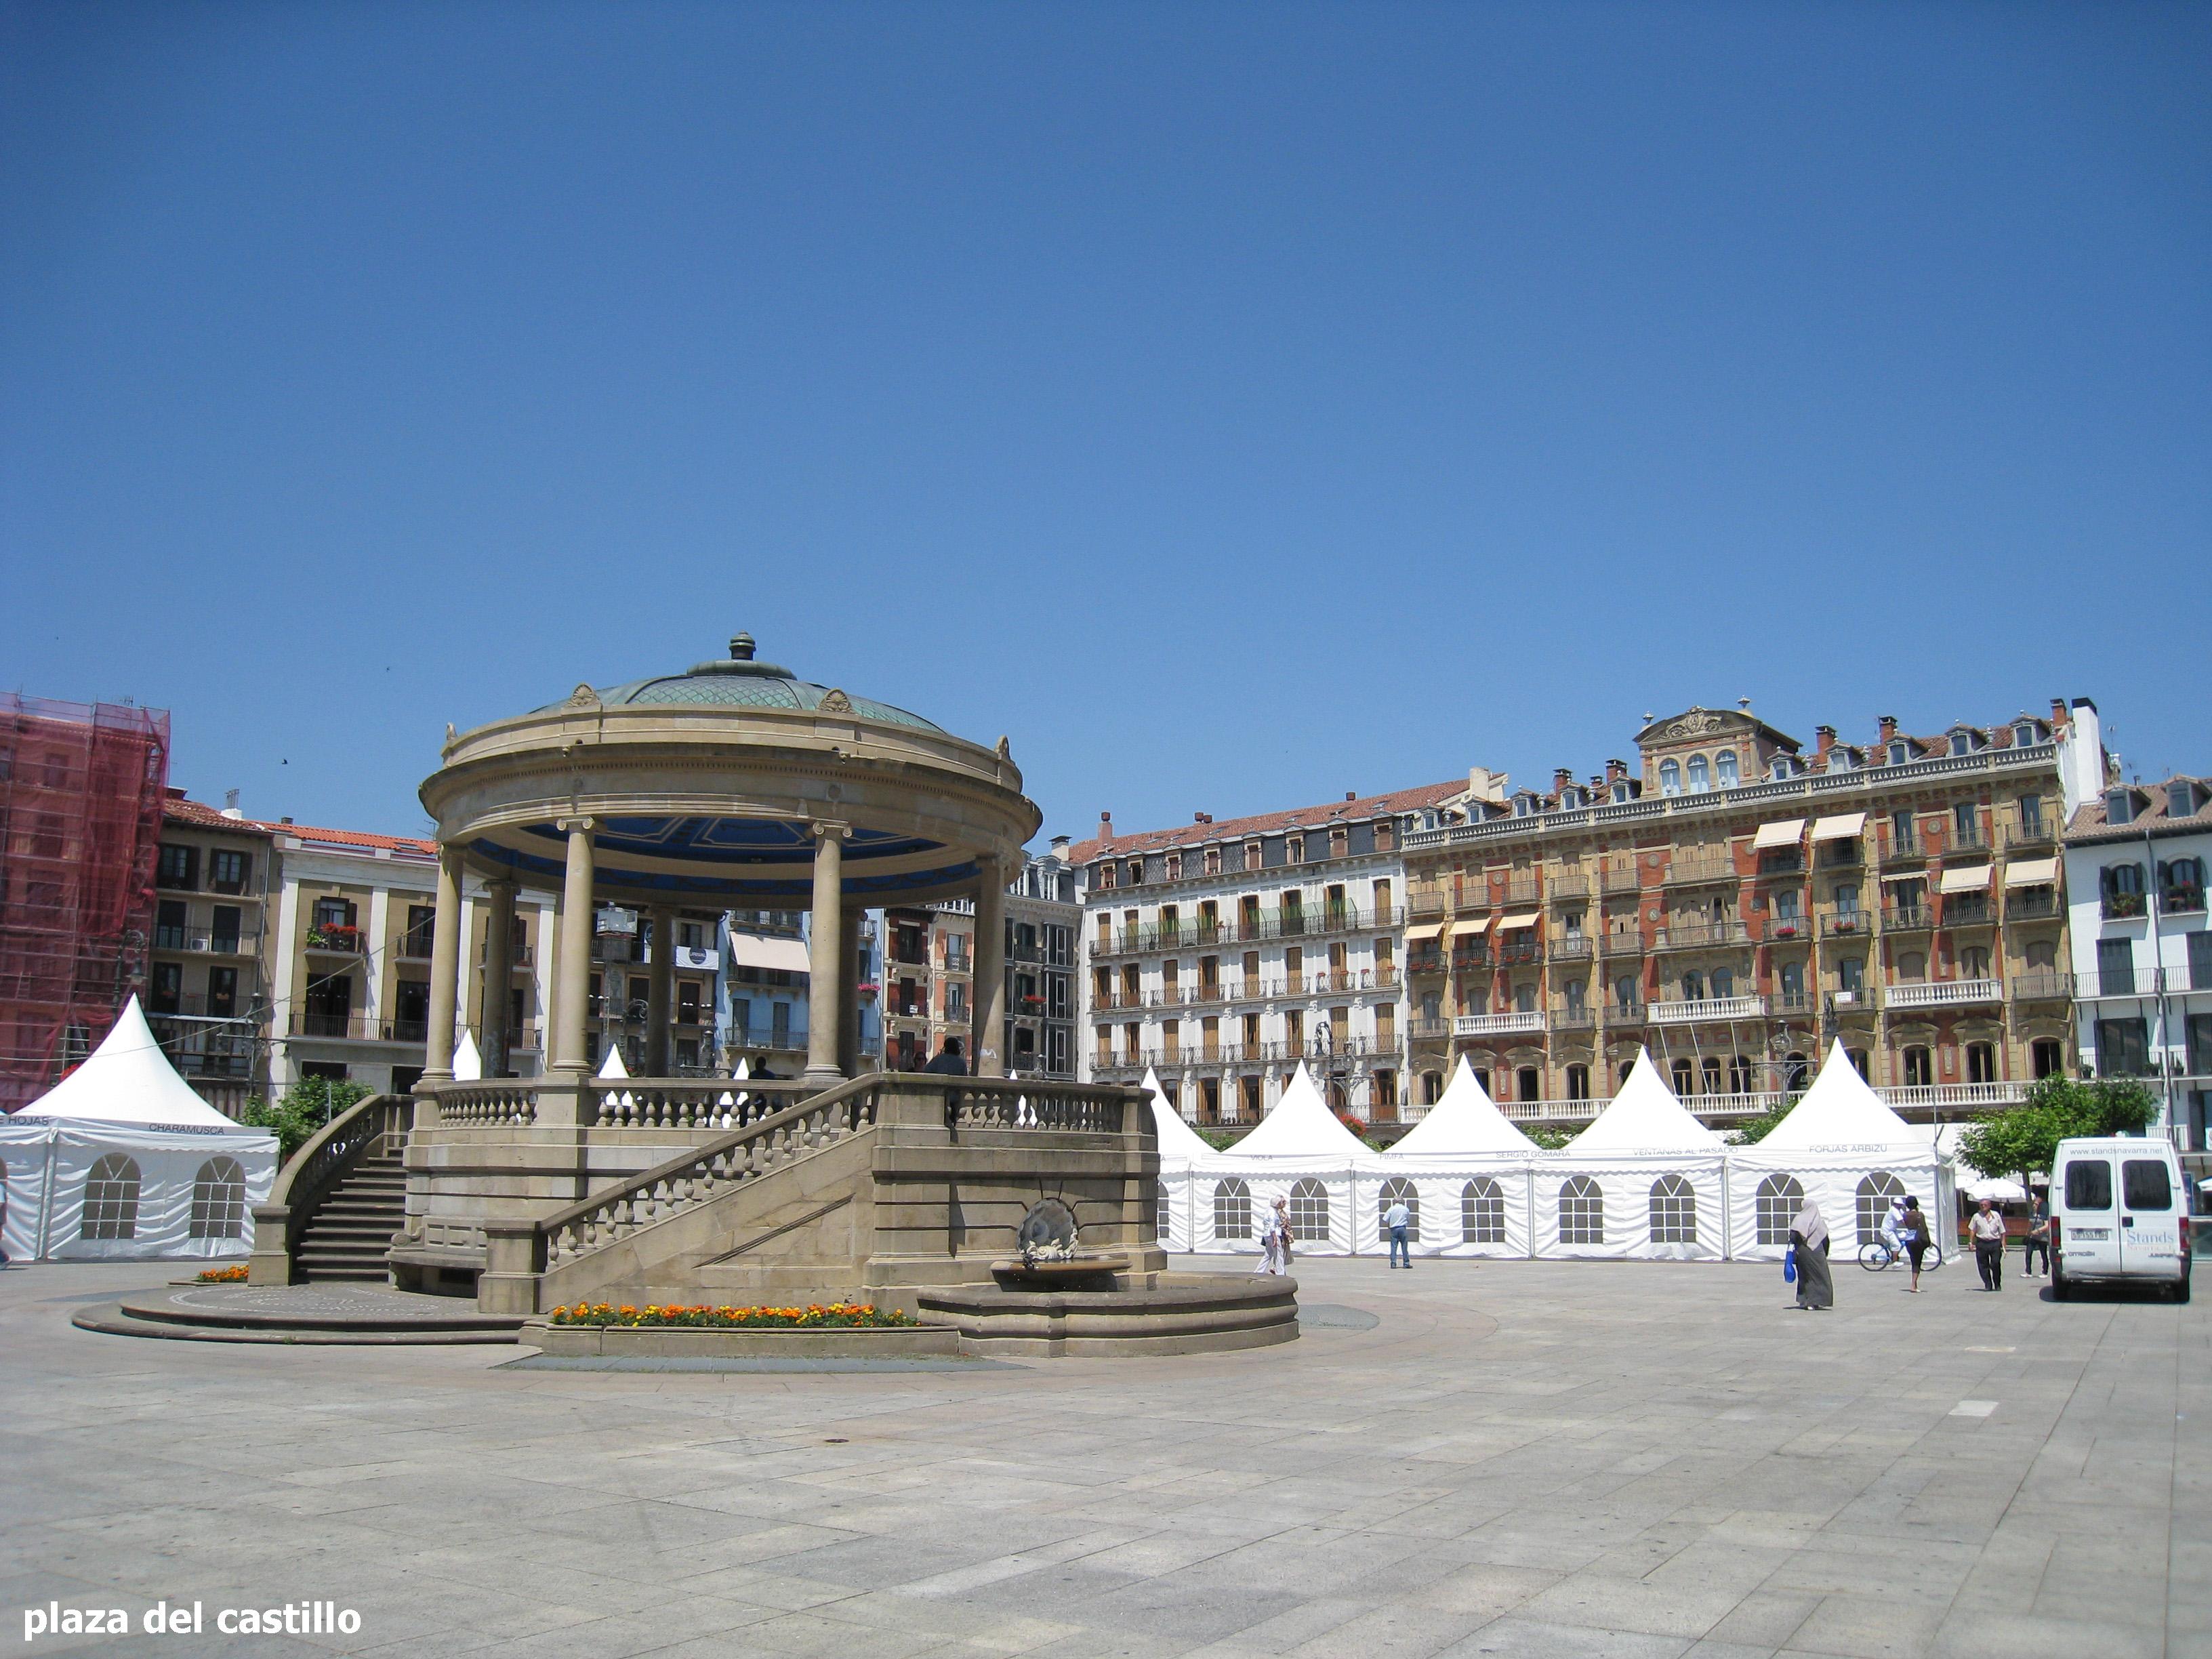 plaza del castillo de pamplona  fotos de Fotonoticias